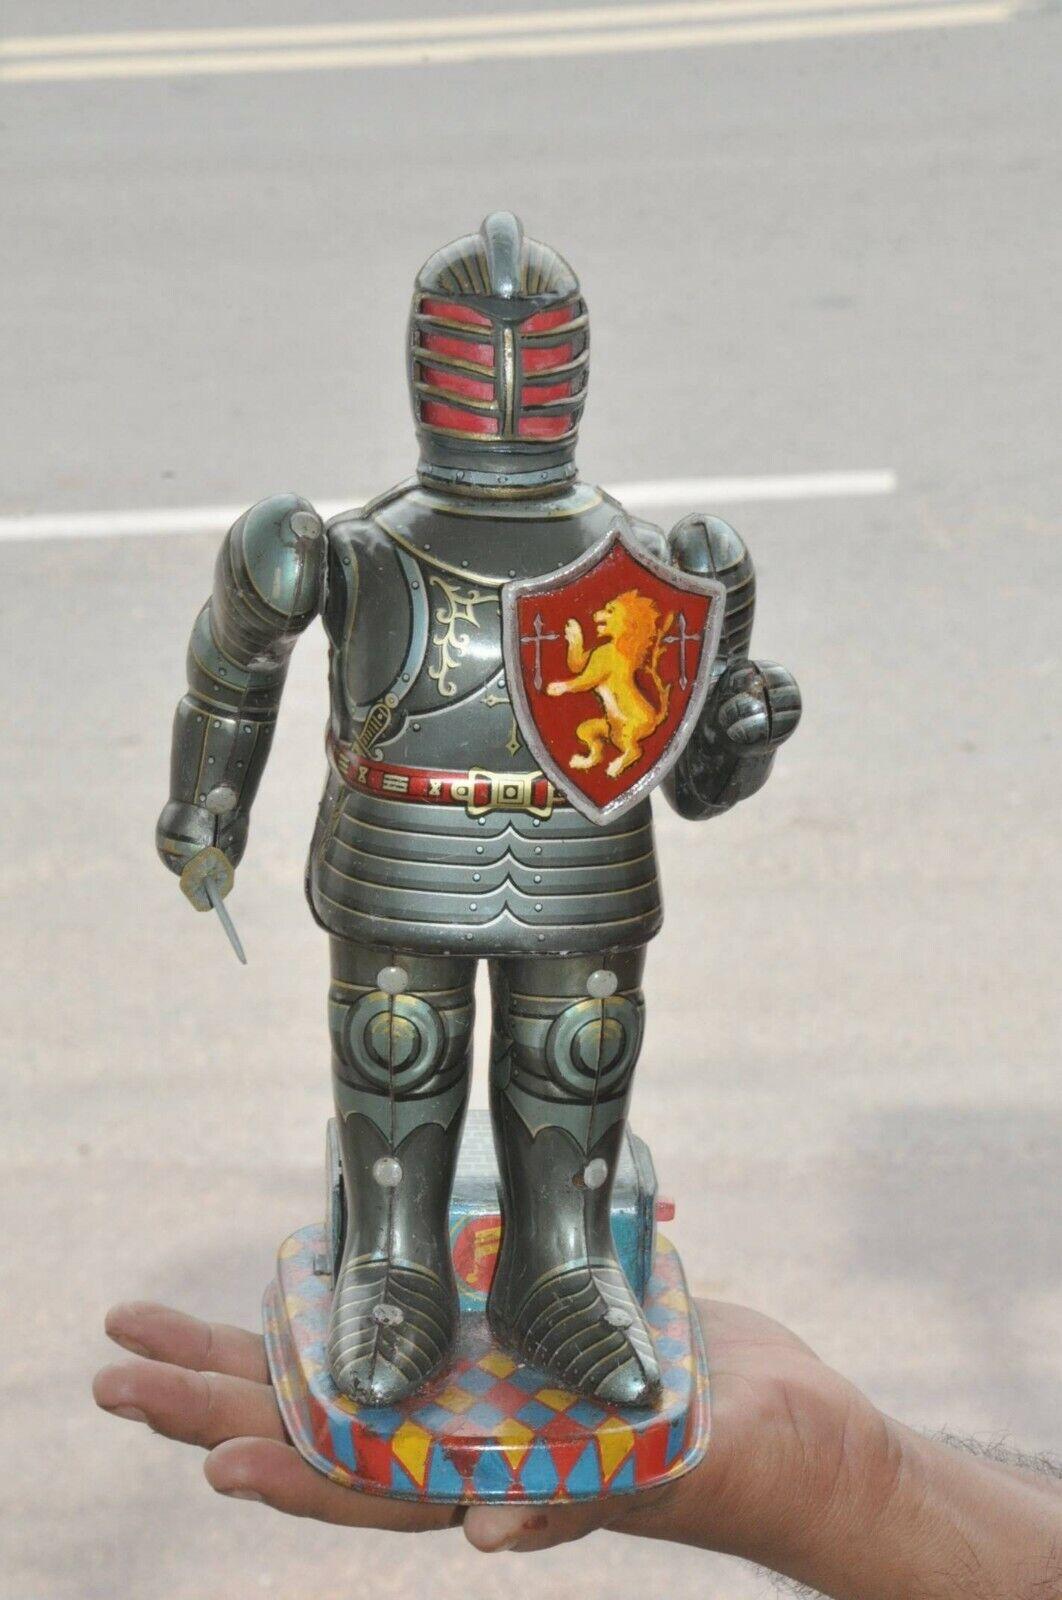 Vintage Alpes marca Batería Guerrero soldado Litografía Robot Juguete de hojalata, Japón